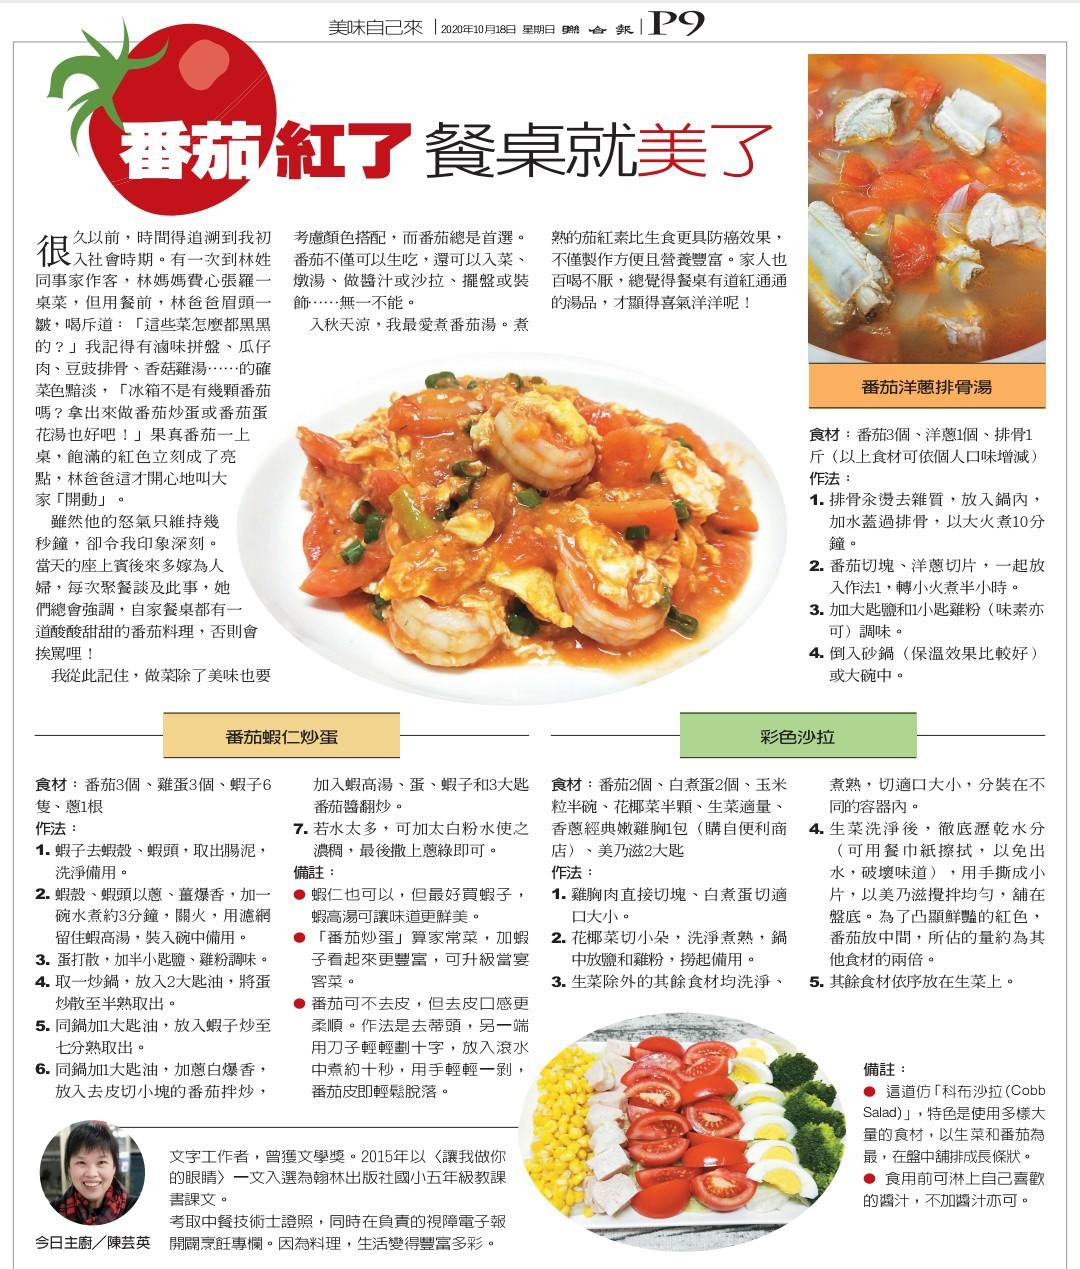 聯合報週日推出的「元氣週報」,介紹了三道我做的「番茄料理」。